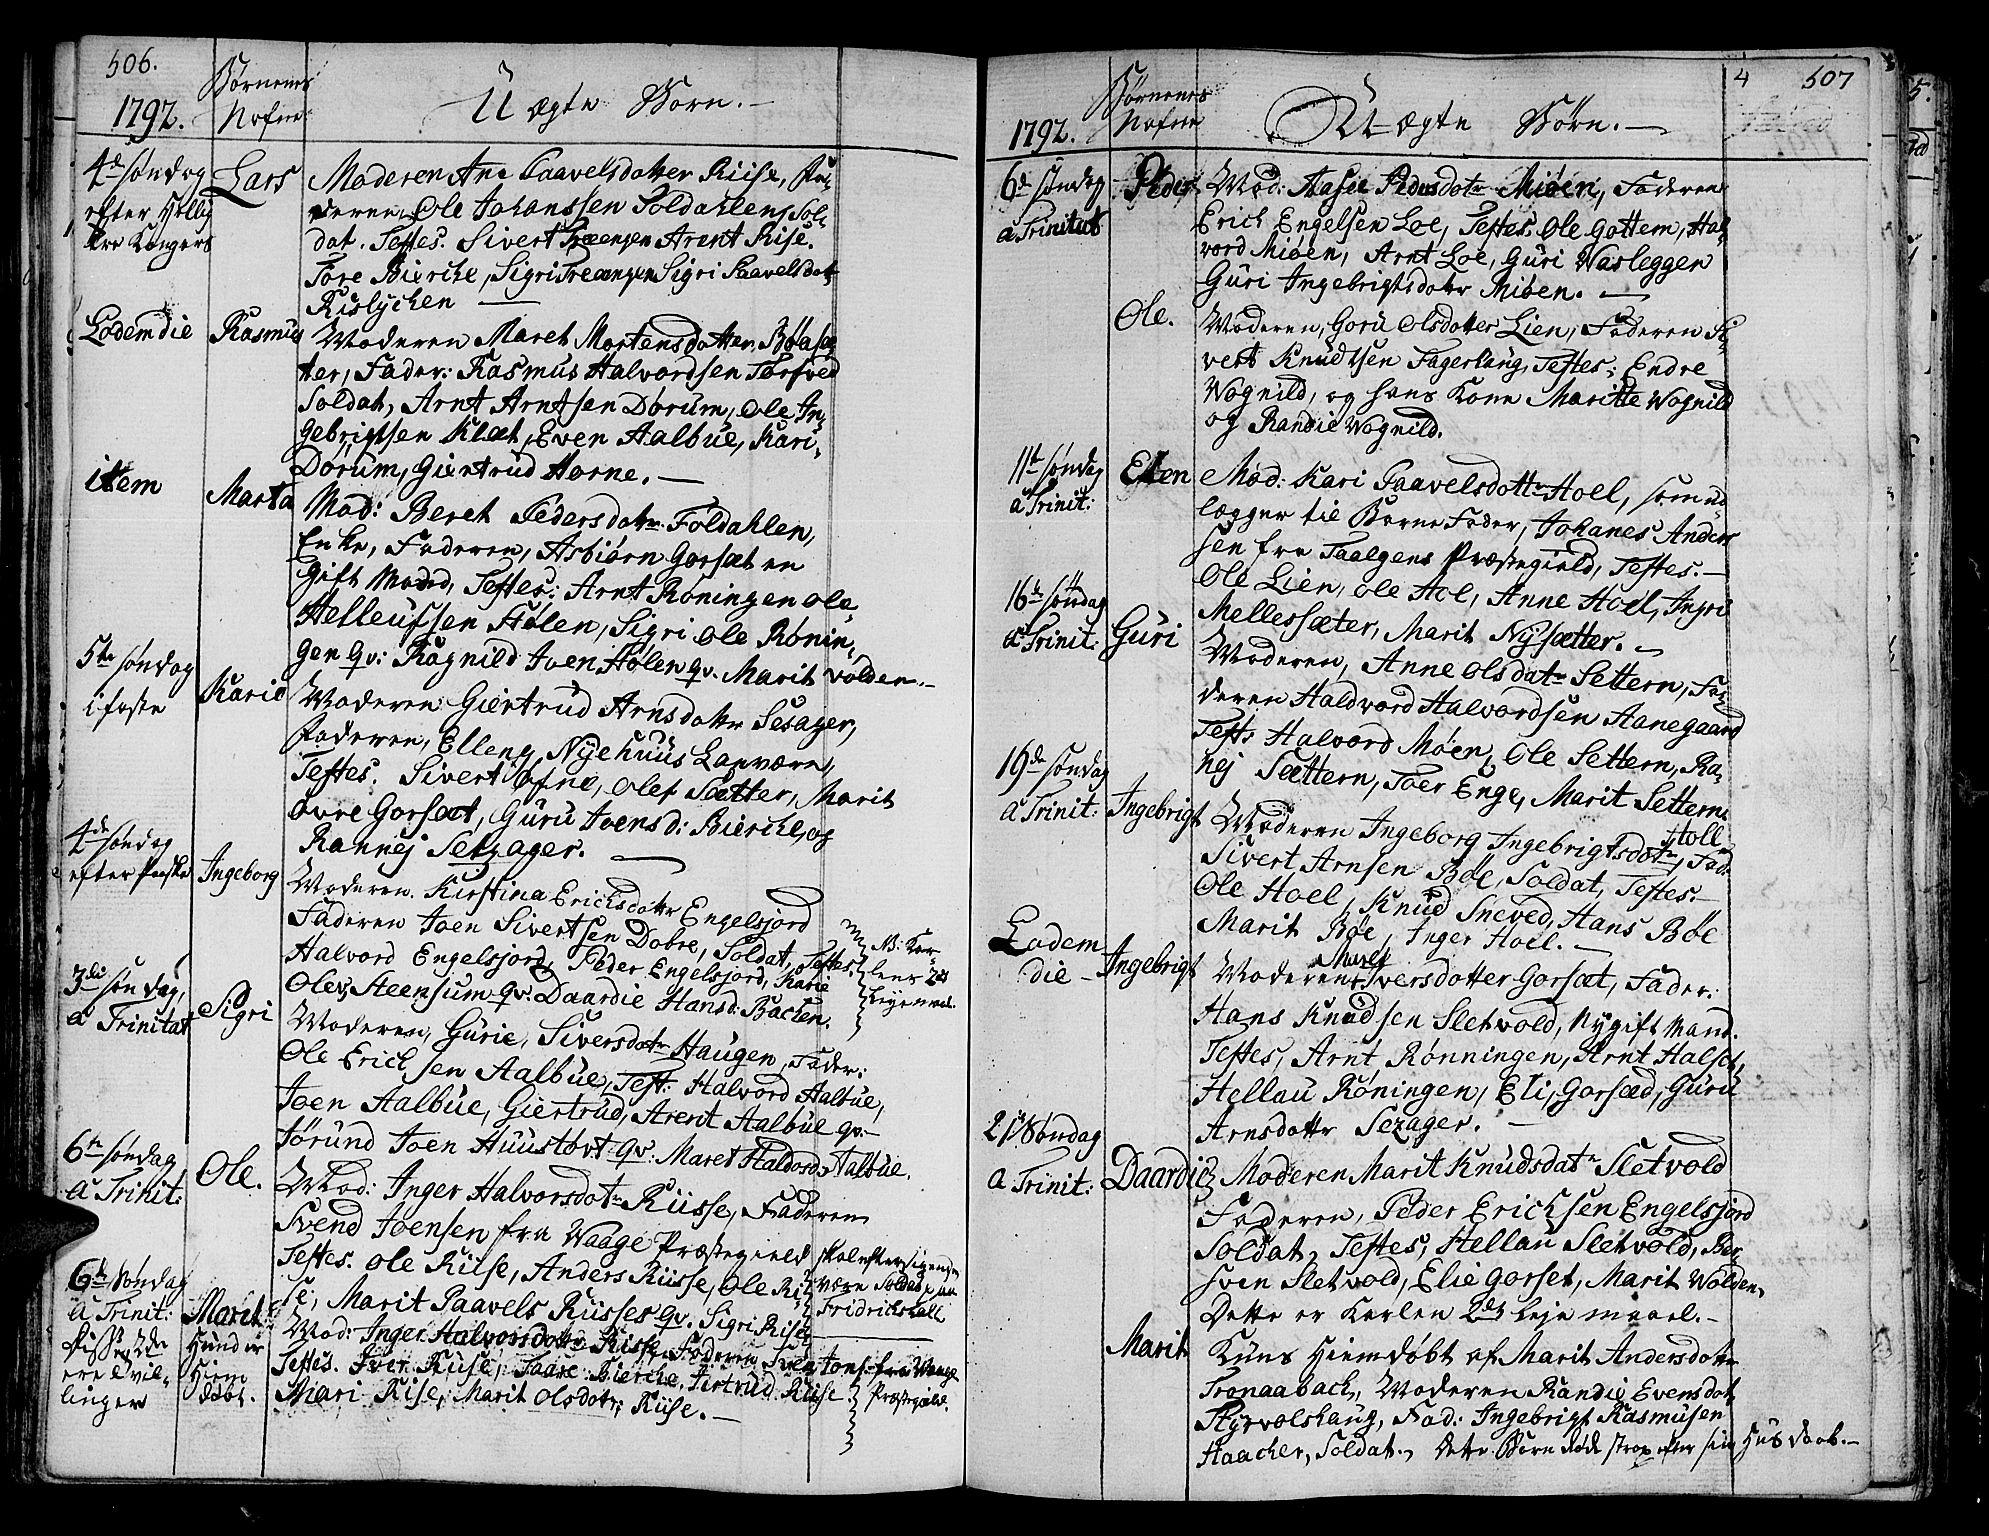 SAT, Ministerialprotokoller, klokkerbøker og fødselsregistre - Sør-Trøndelag, 678/L0893: Ministerialbok nr. 678A03, 1792-1805, s. 506-507